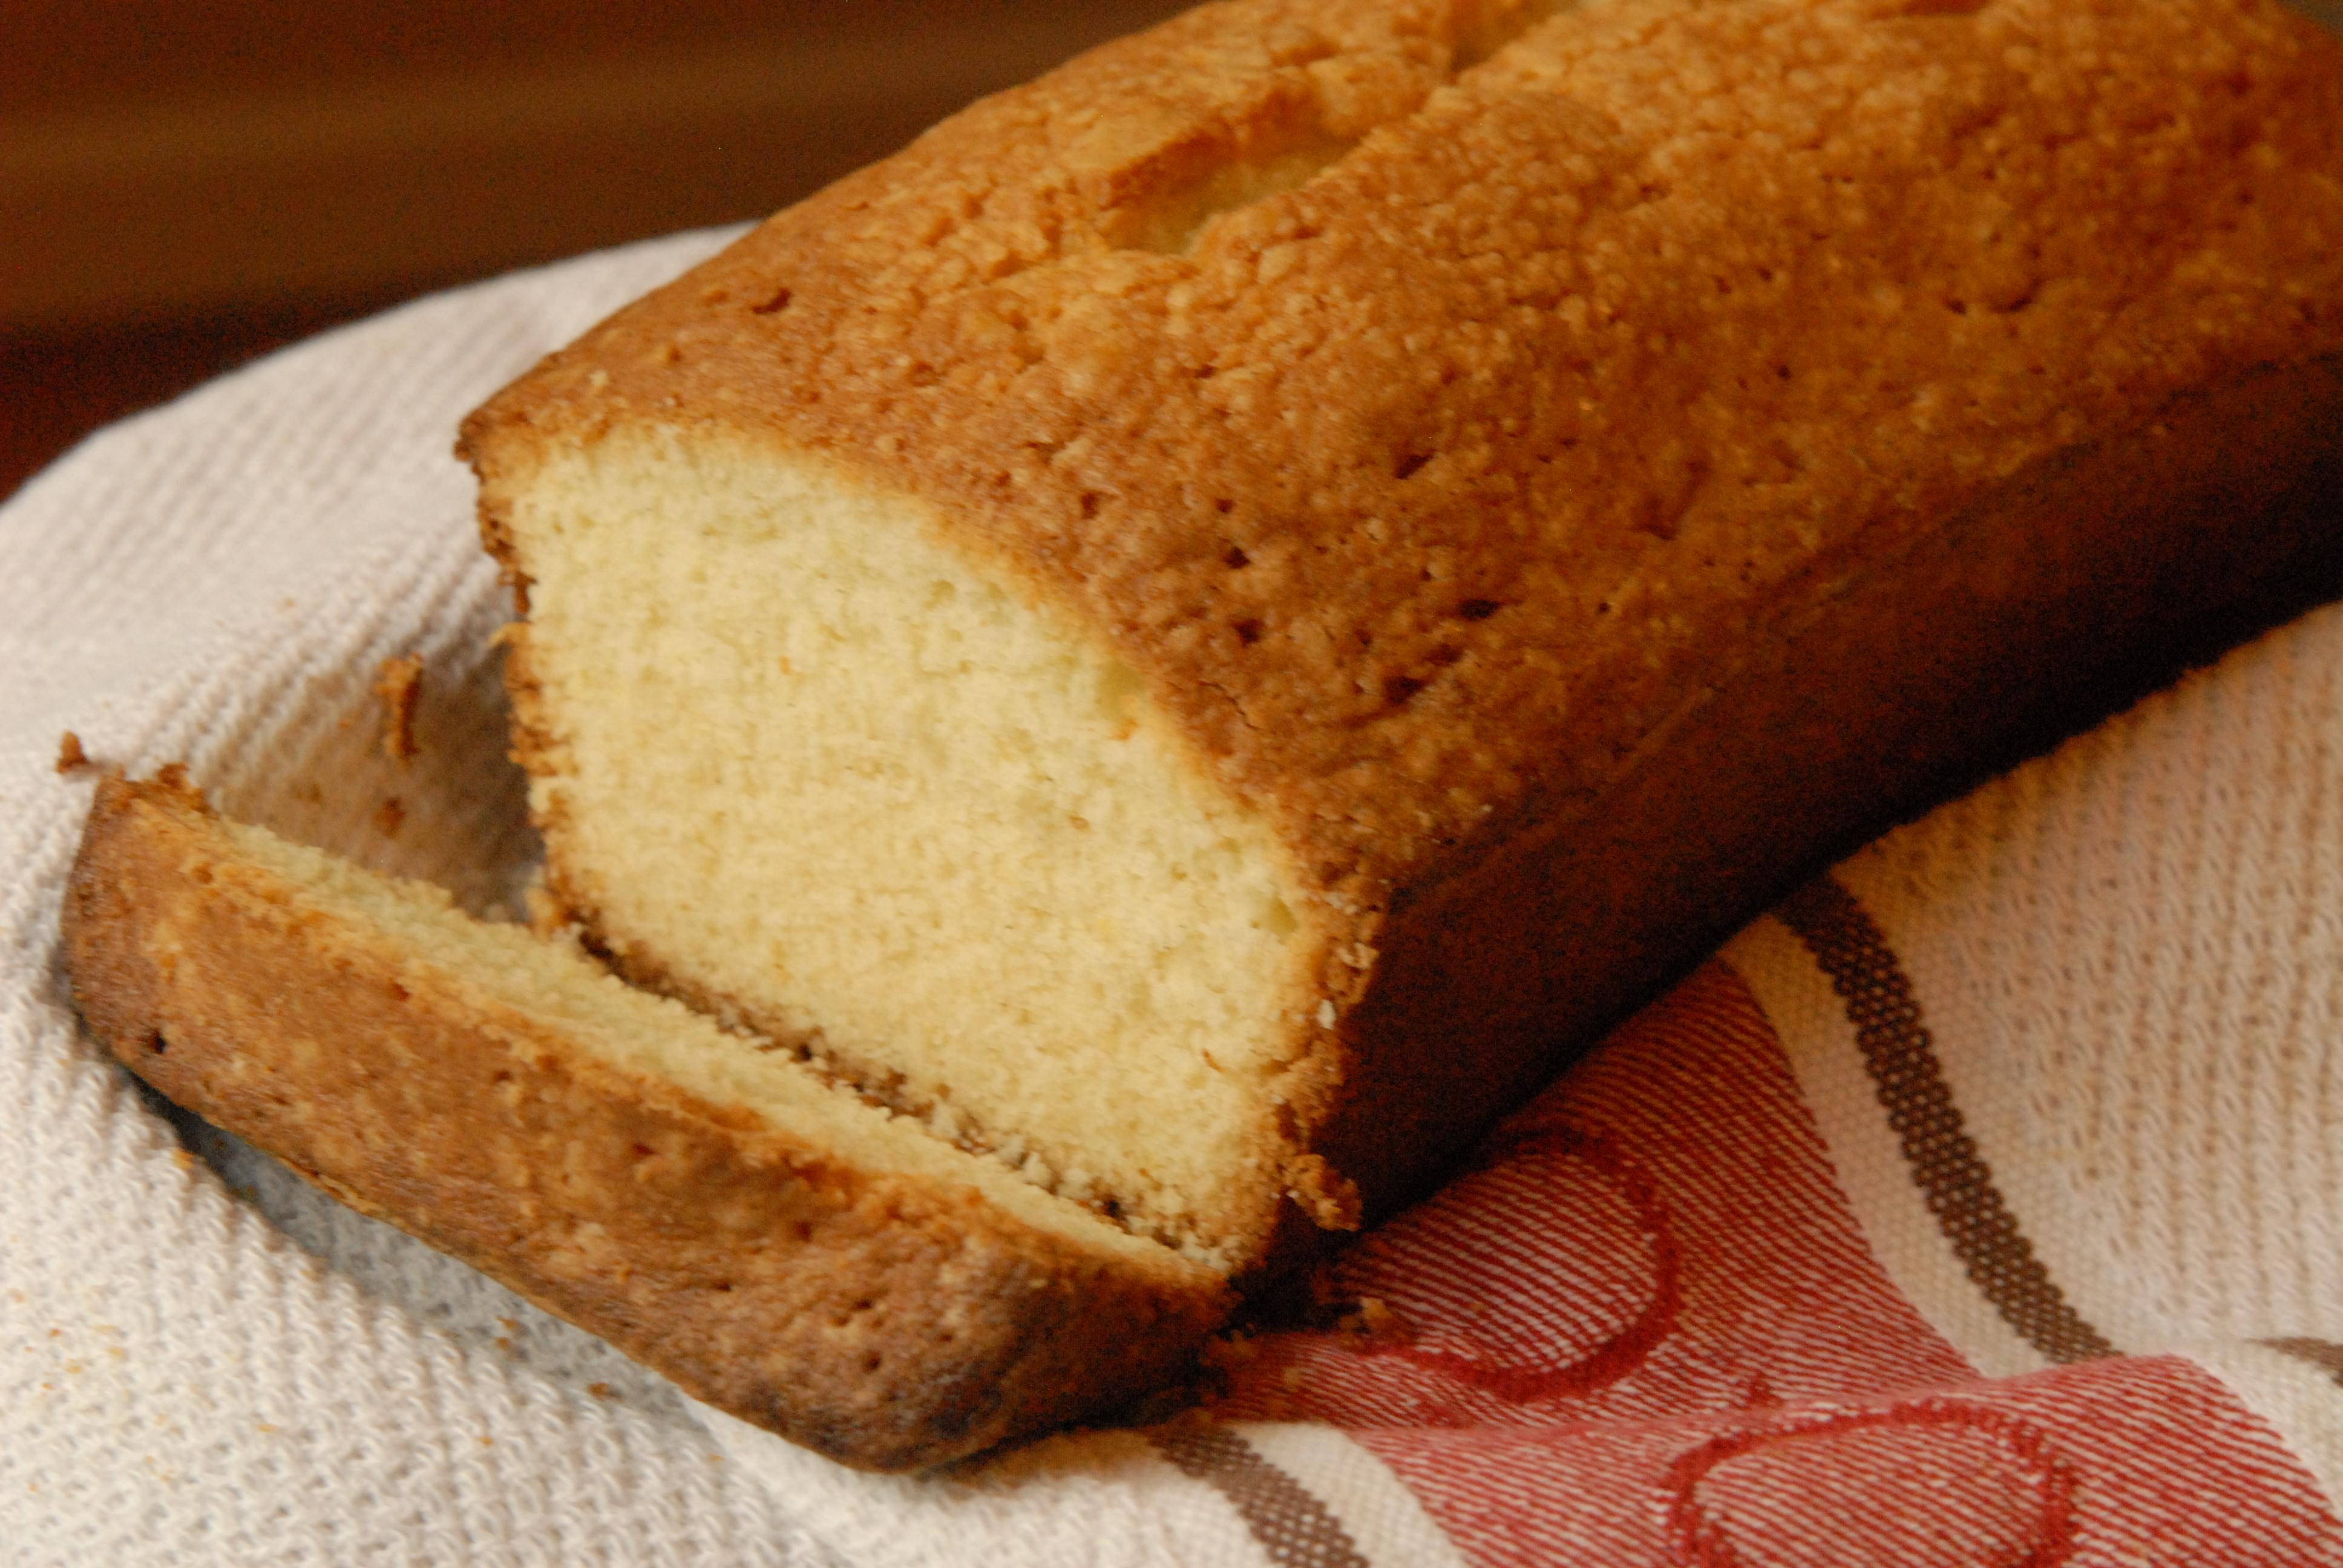 dessert | The Eclectic Connoisseur's Weblog